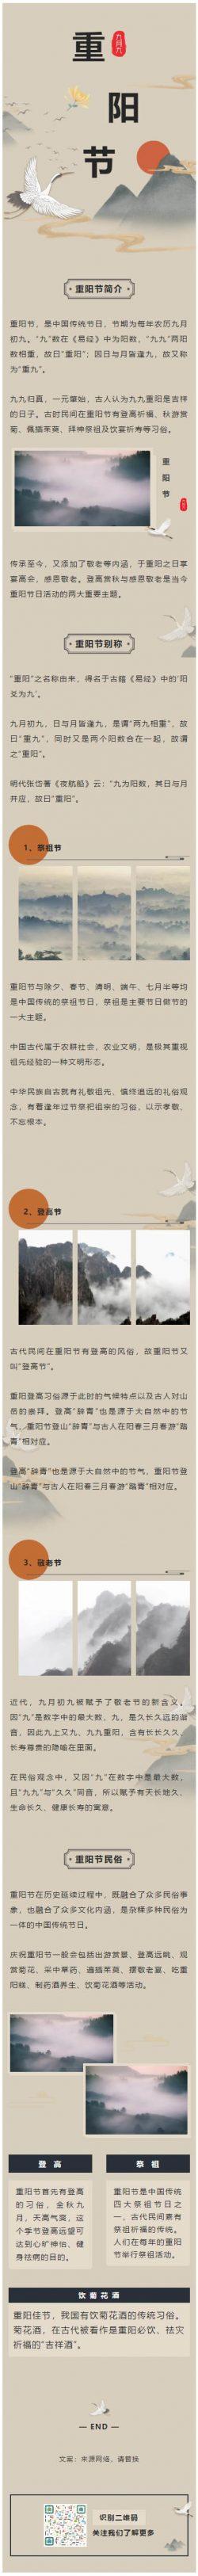 重阳节老人节微信公众号模板中国风微信推文素材推送文章